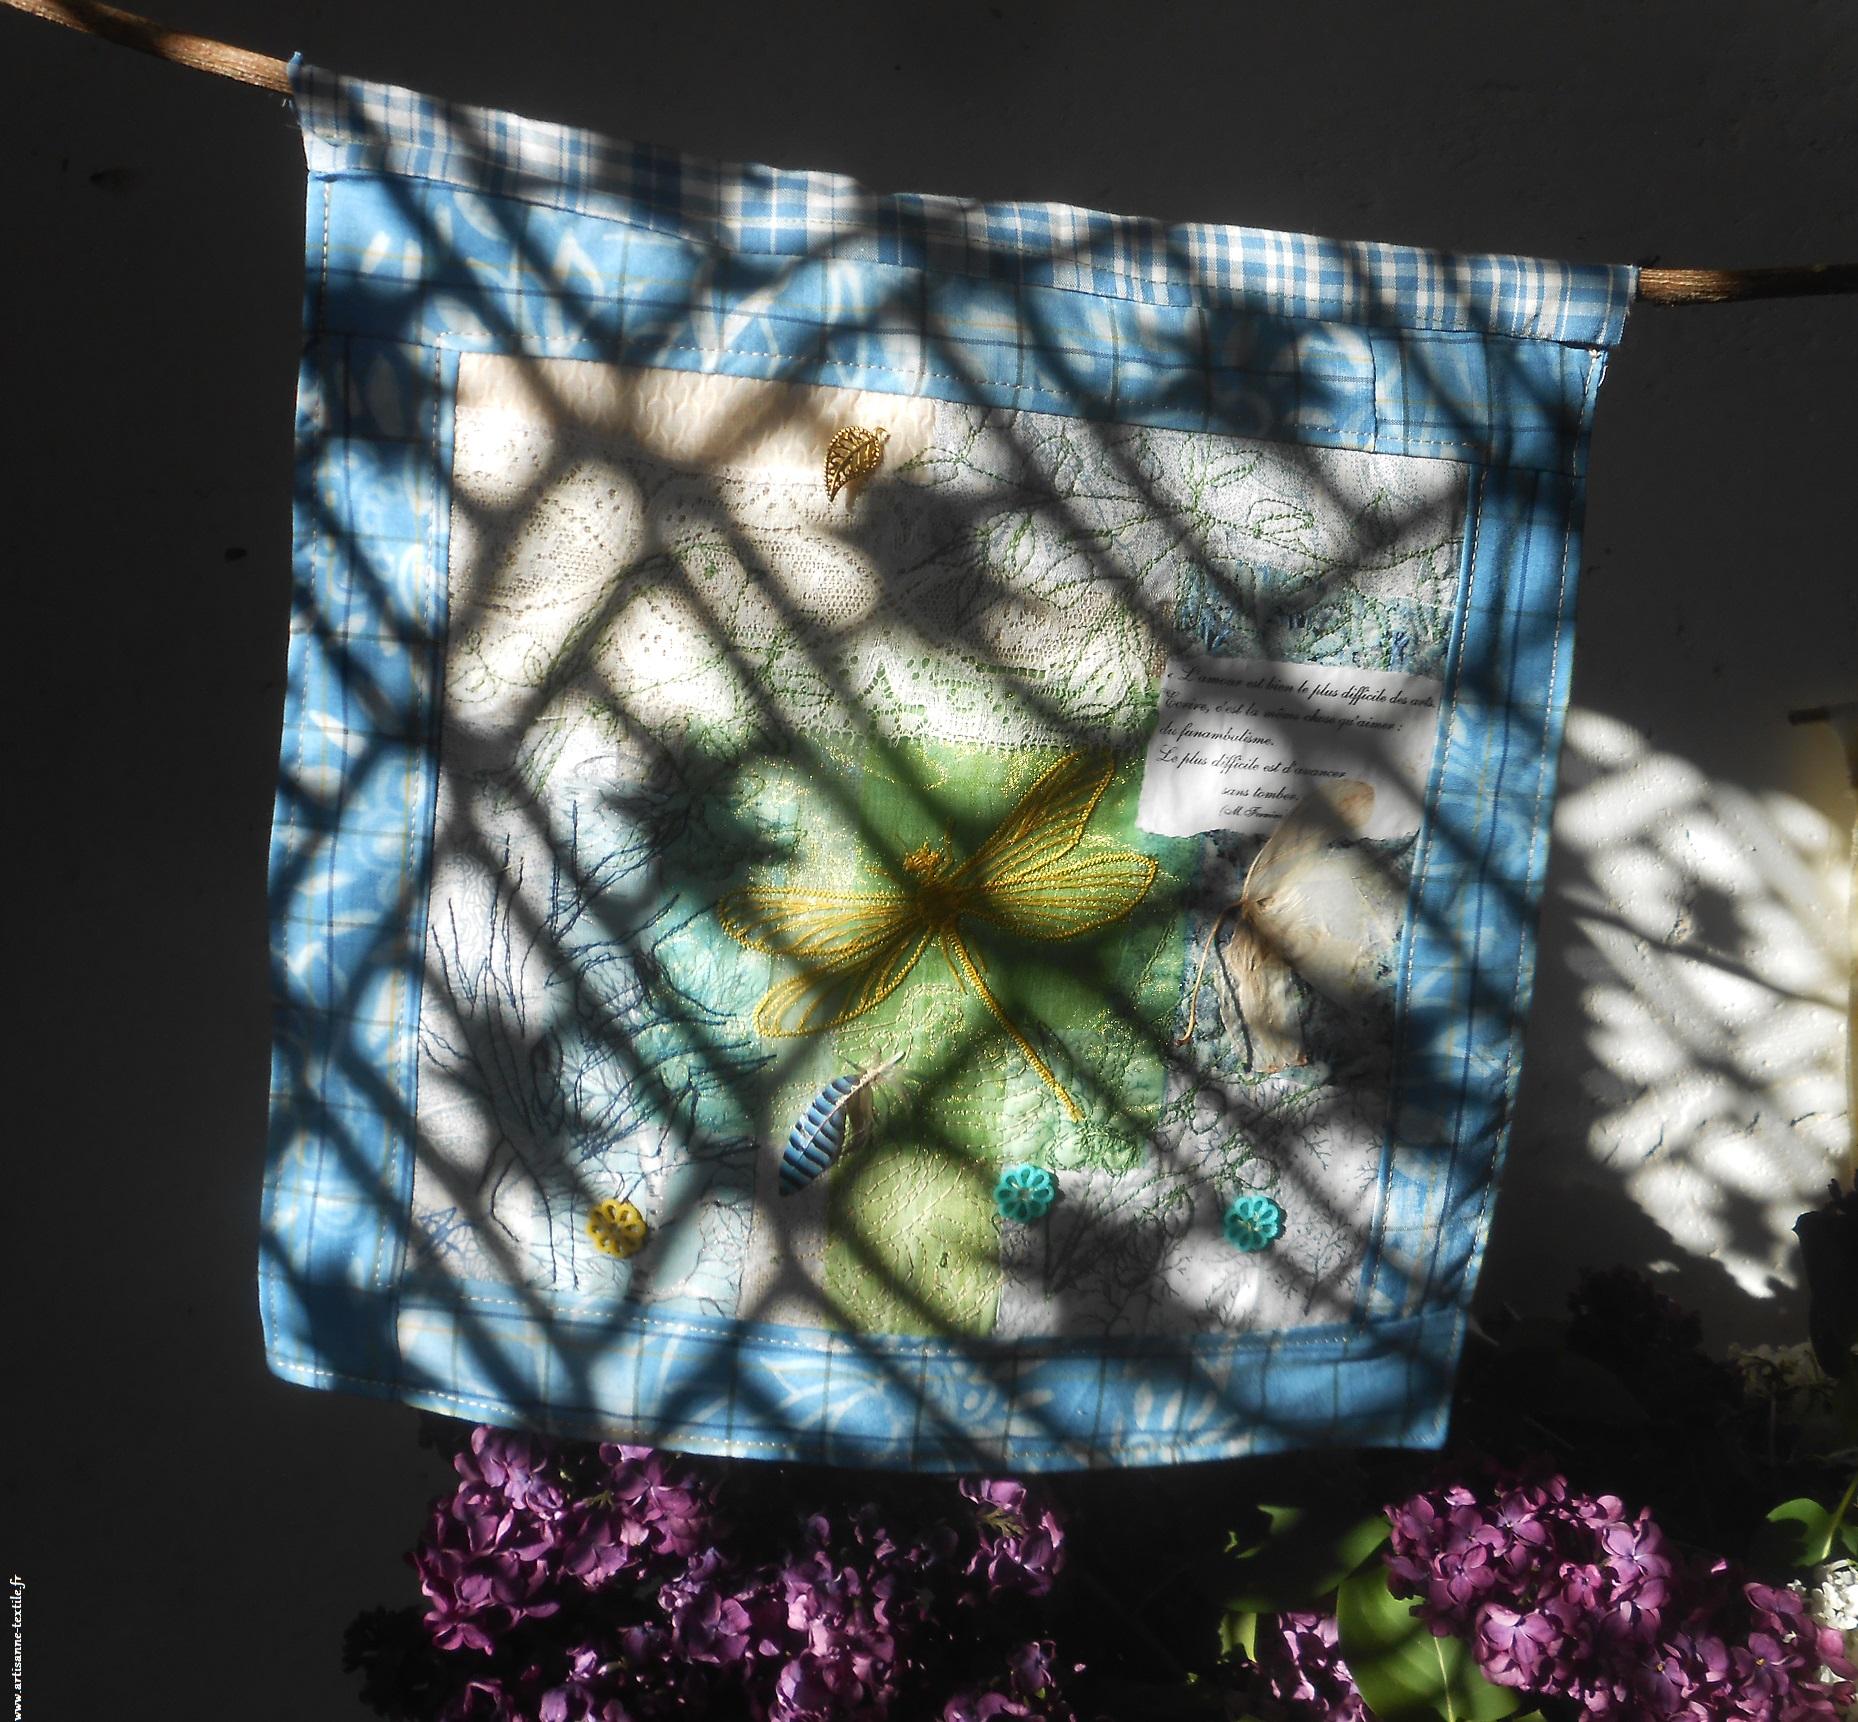 cyanotype et collage: le soleil joue derrière une grille